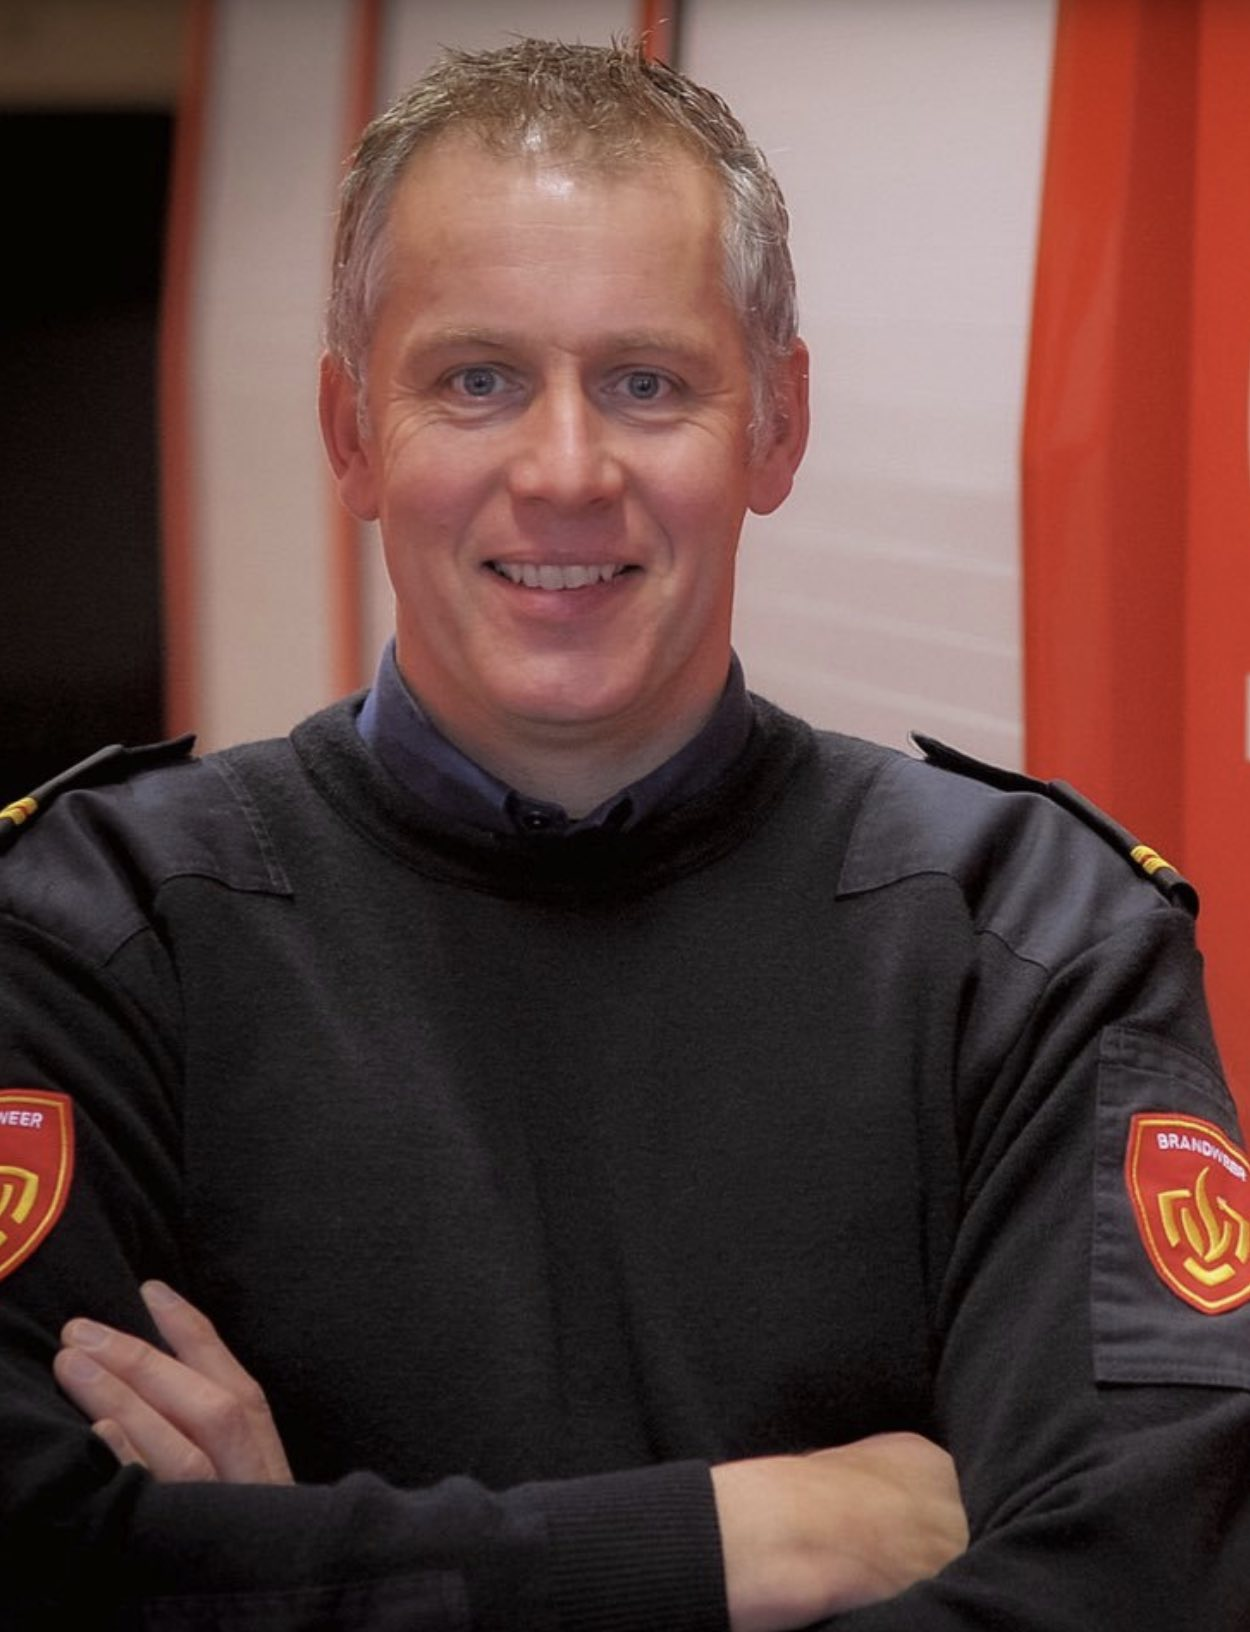 Willem van Cuijk